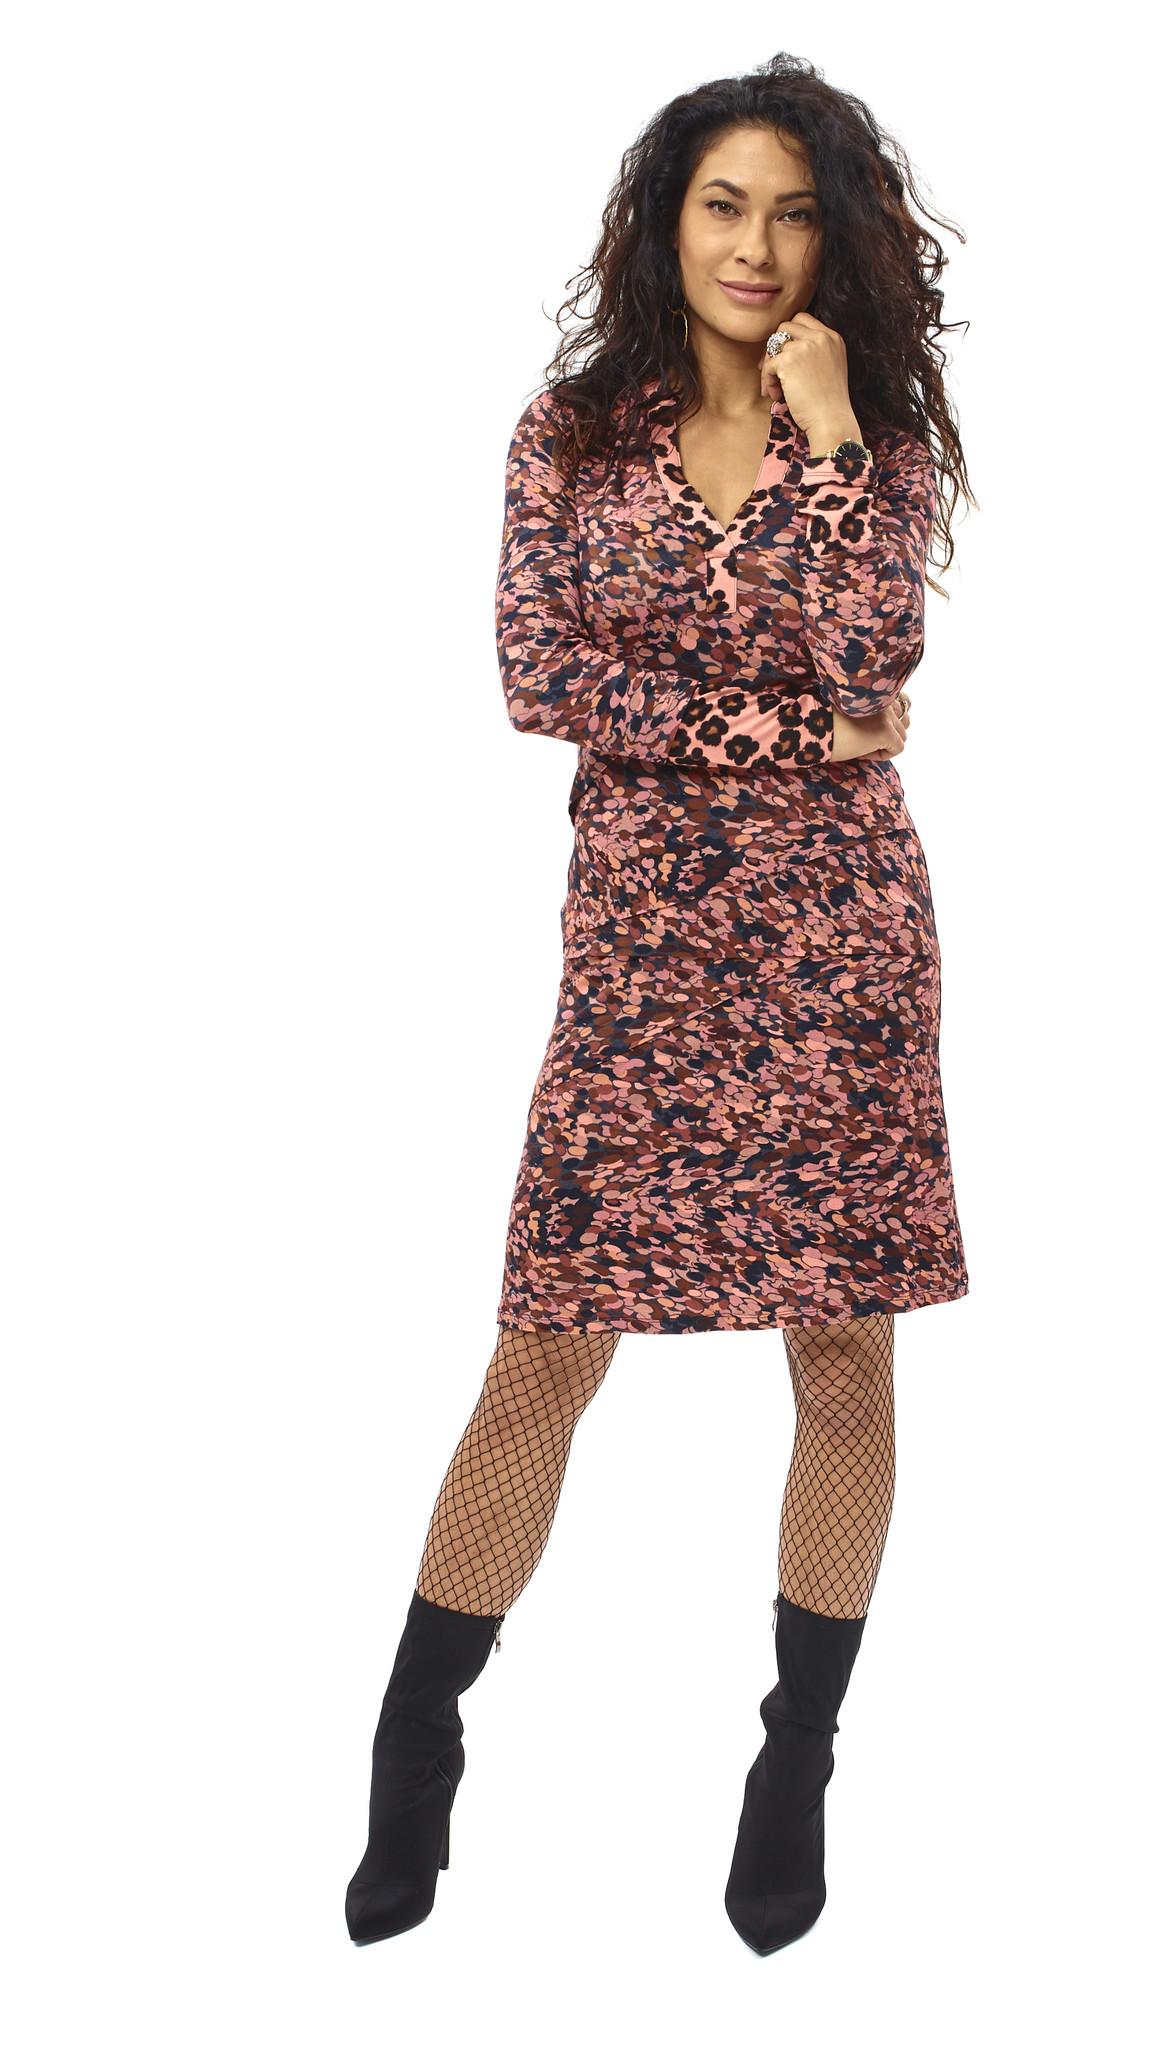 TESSA KOOPS CHANNA CONFETTI DRESS